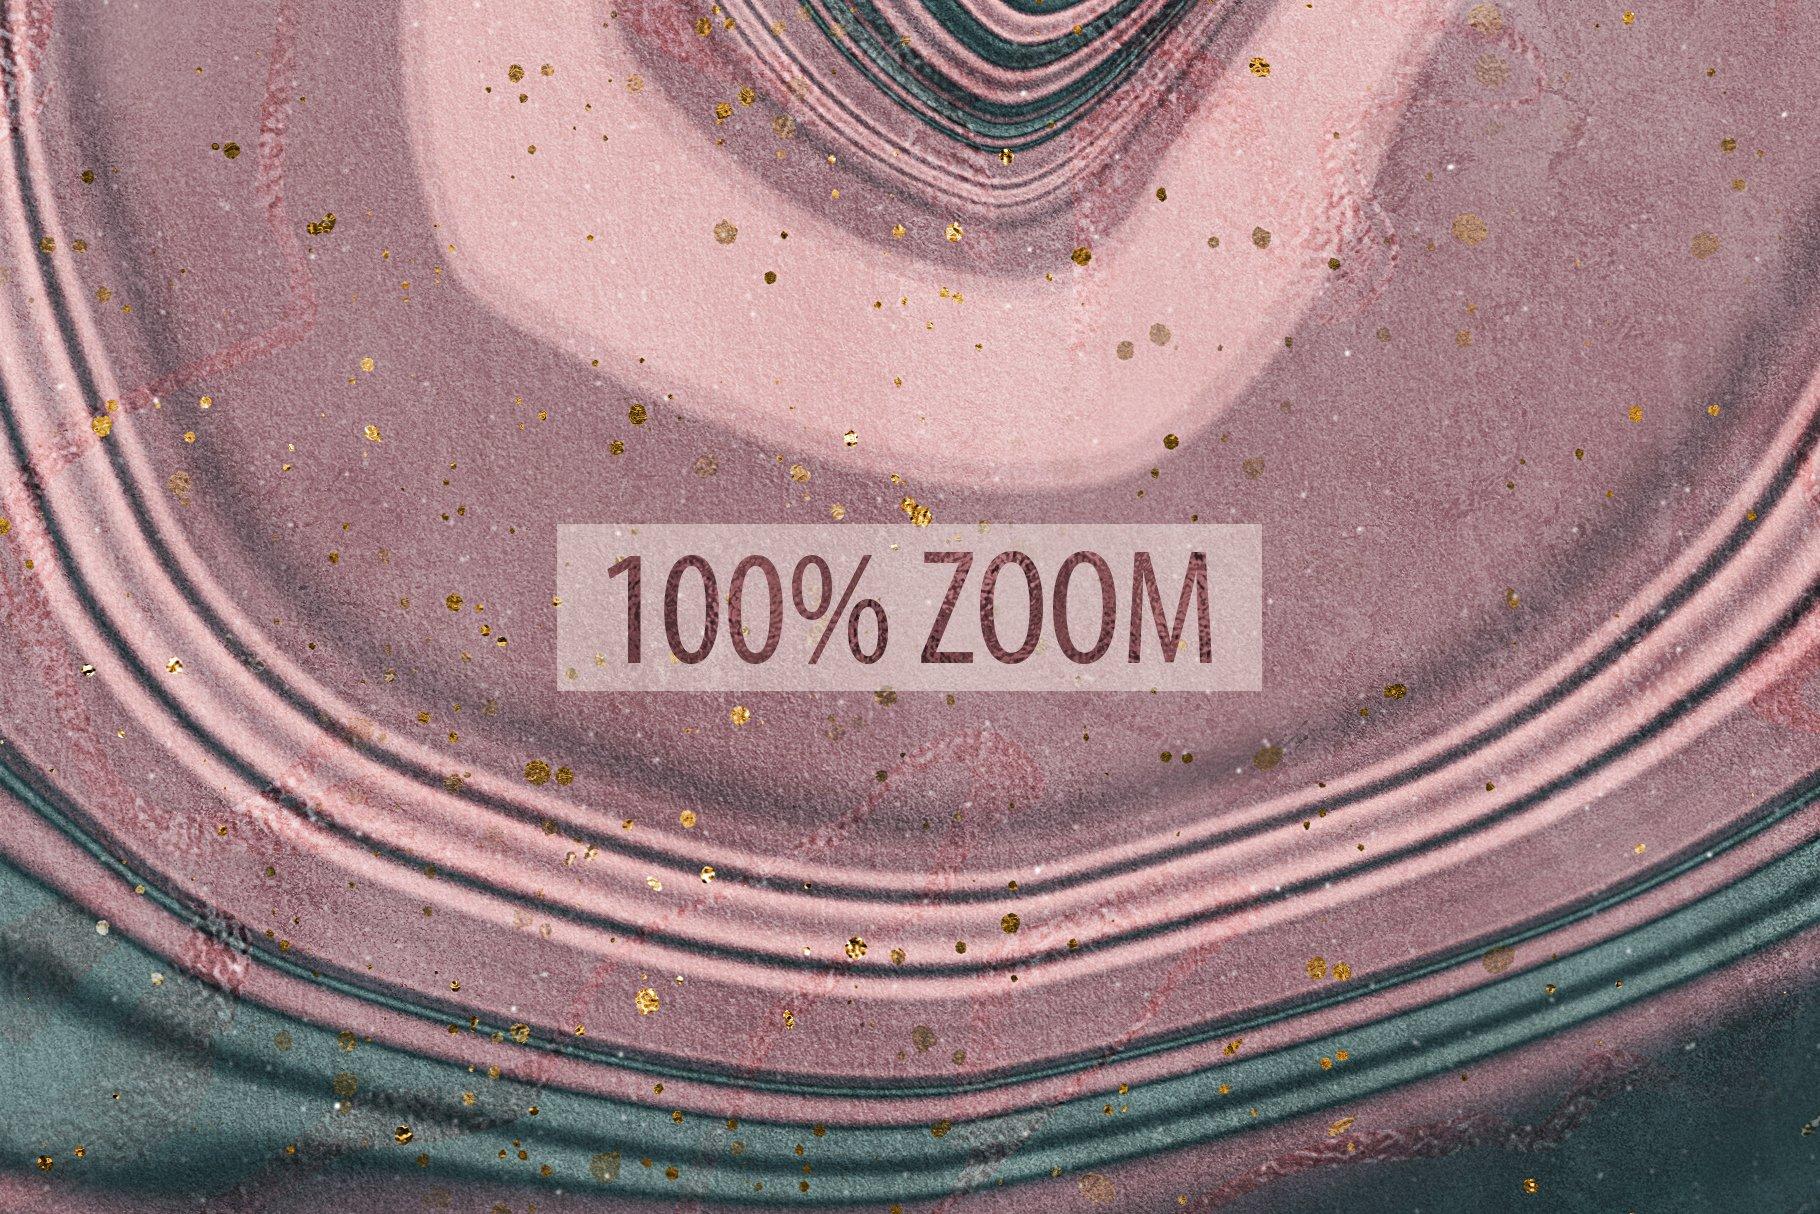 [淘宝购买] 15款抽象复古高清大理石金色箔纸纹理背景图片设计素材合集 Marbled Paper Texture Collection插图17